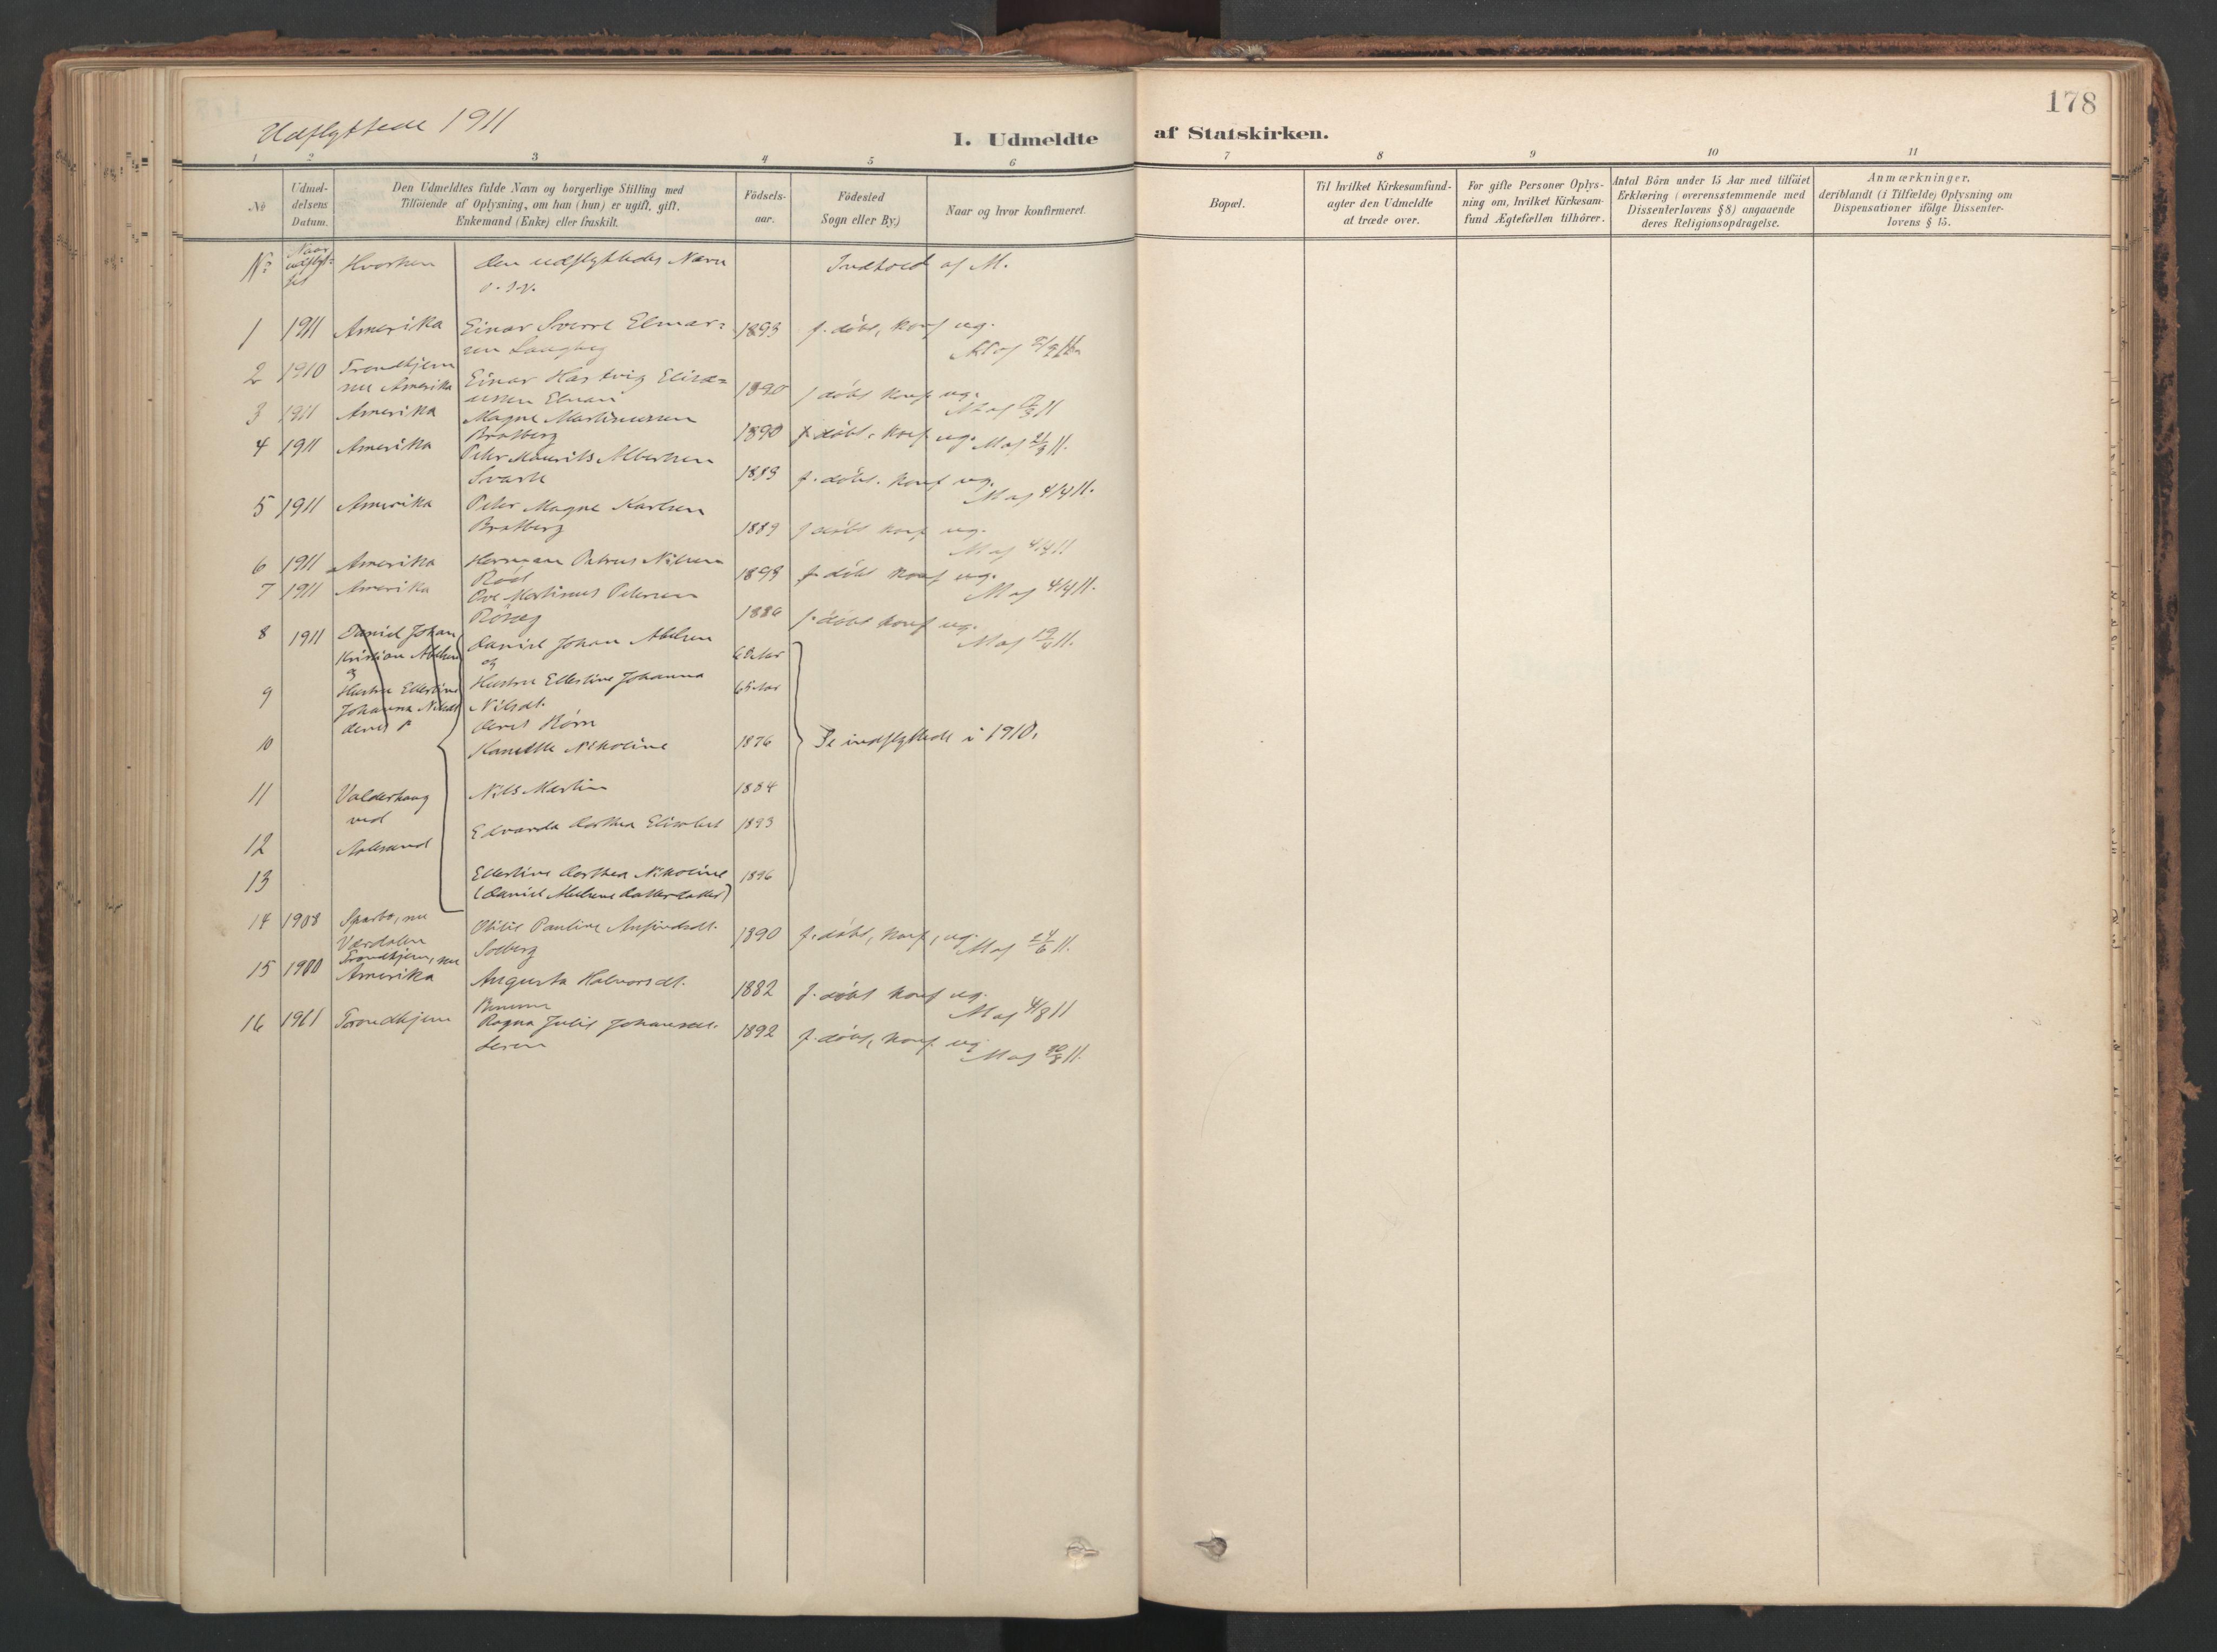 SAT, Ministerialprotokoller, klokkerbøker og fødselsregistre - Nord-Trøndelag, 741/L0397: Ministerialbok nr. 741A11, 1901-1911, s. 178